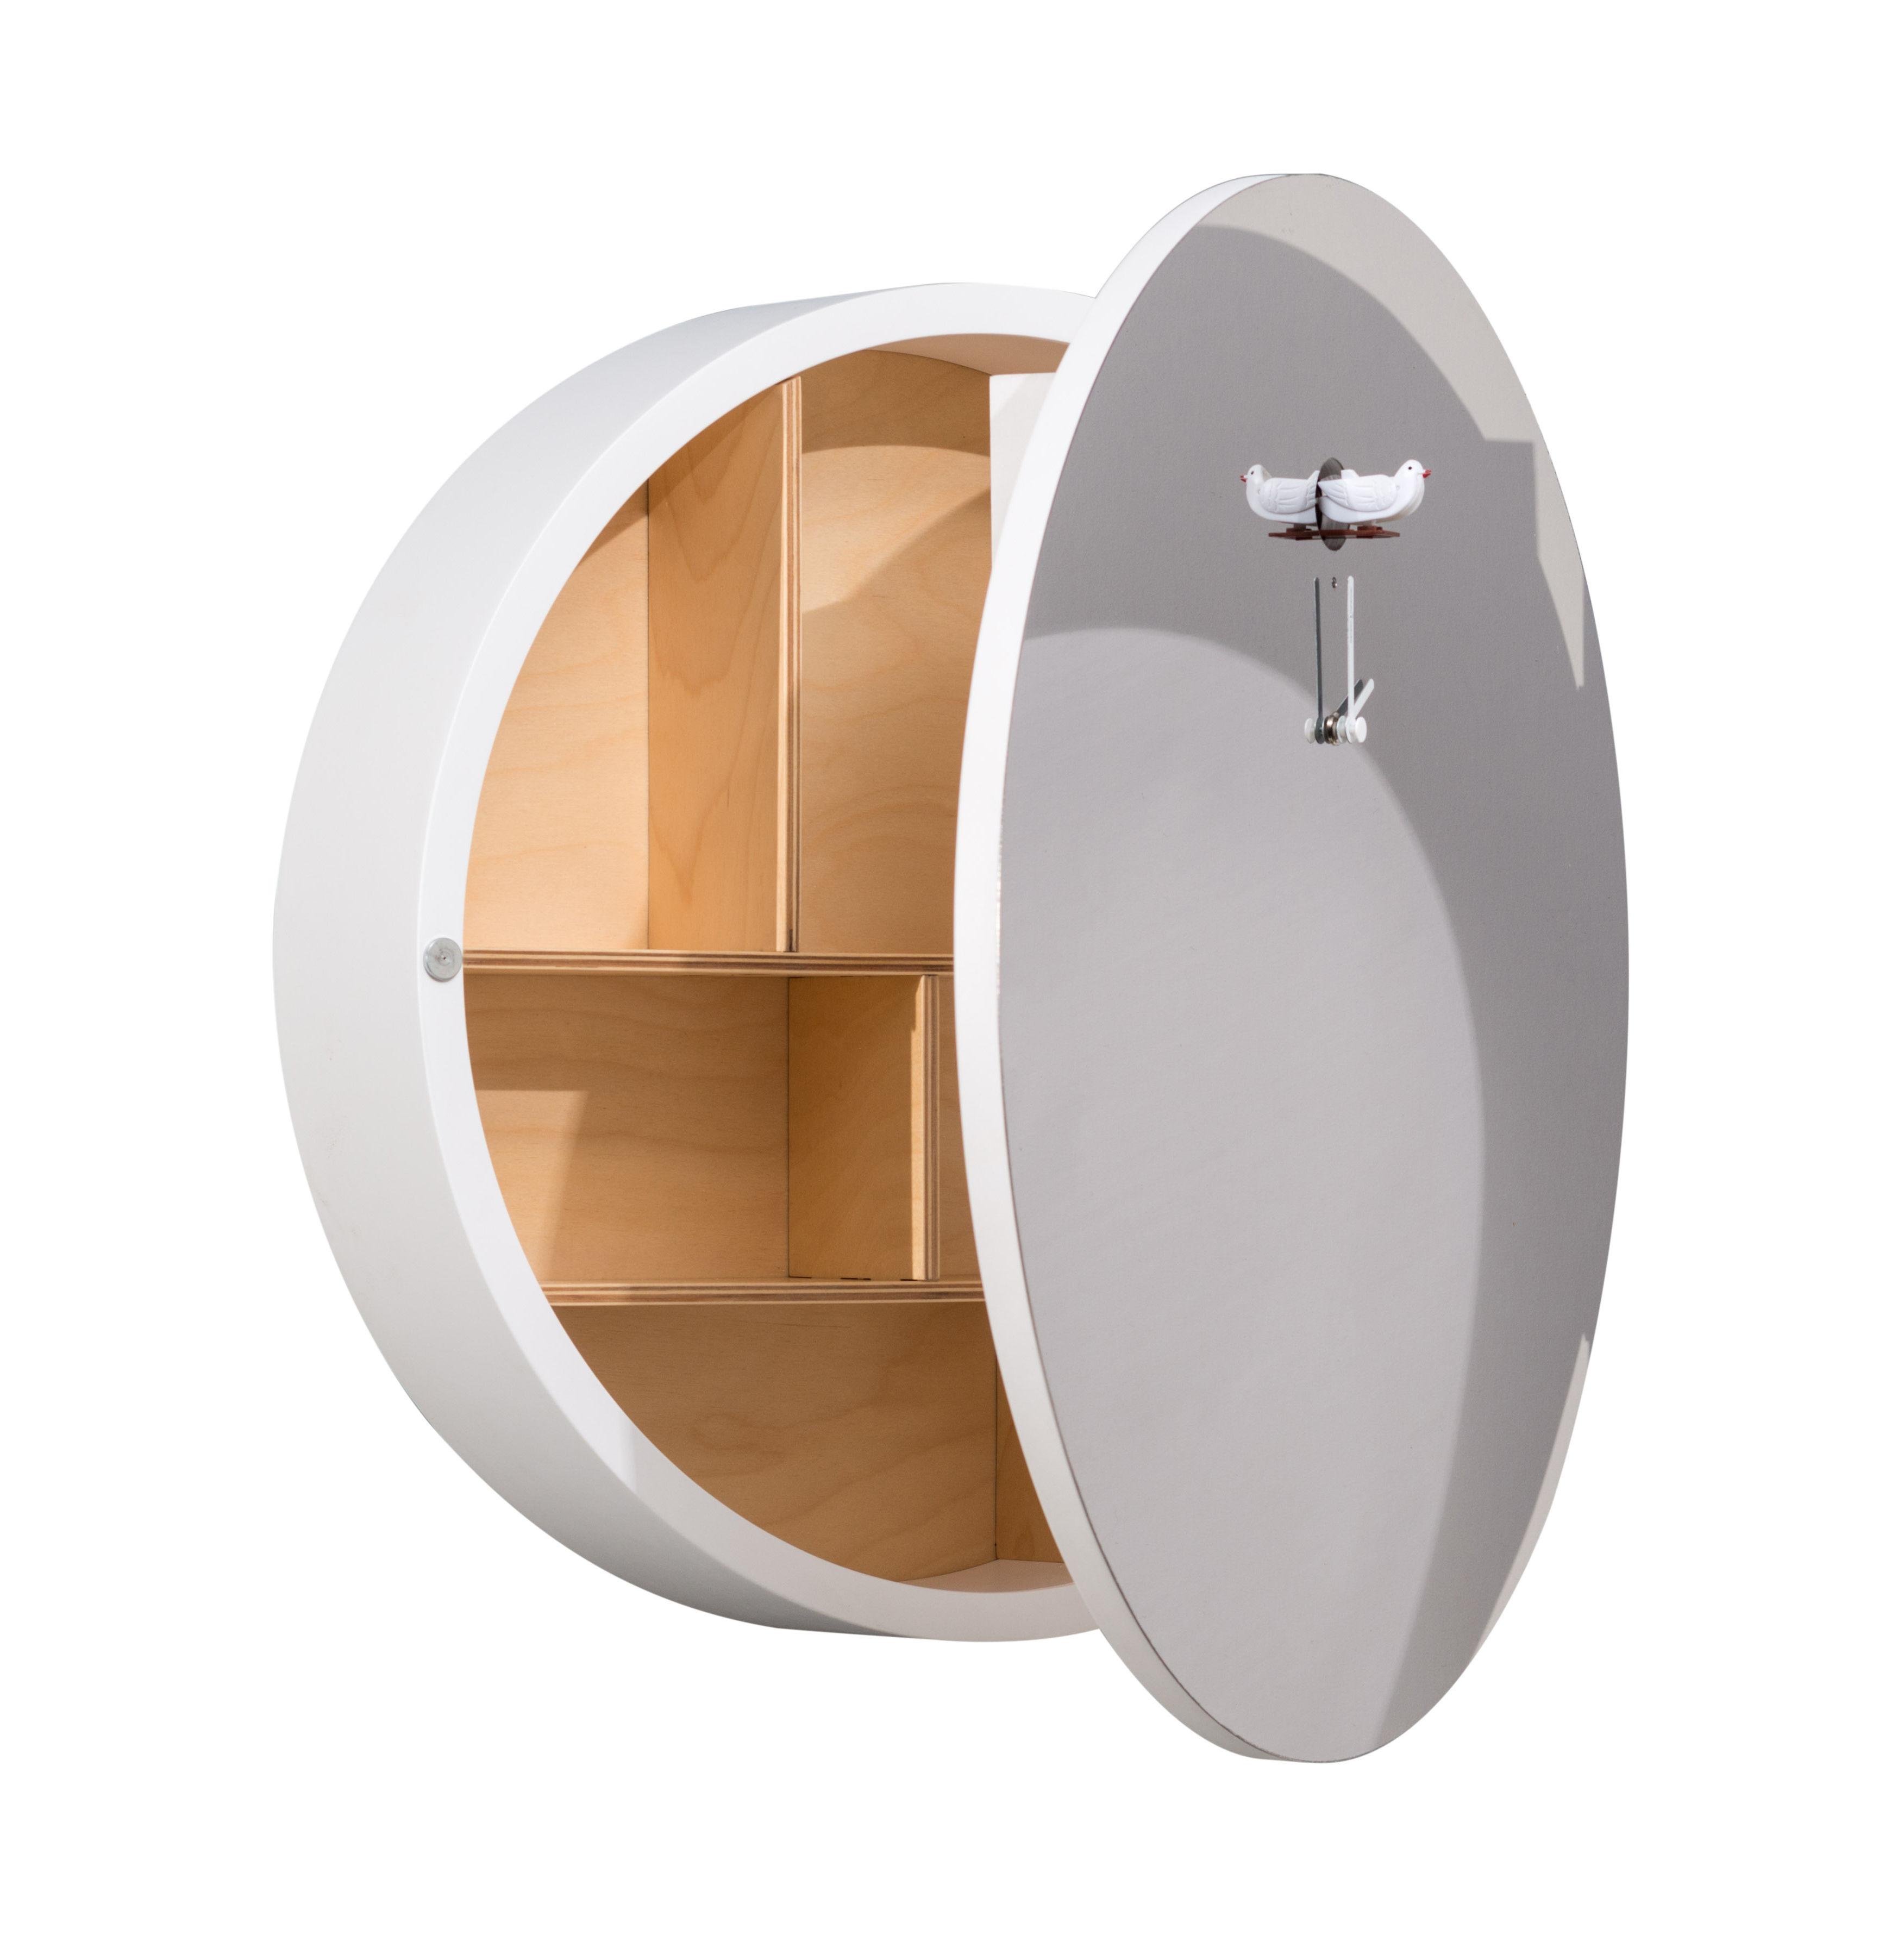 Mobilier - Etagères & bibliothèques - Miroir Sogno à coucou / avec miroir & rangements - Diamantini & Domeniconi - Blanc - Acier inoxydable, Bouleau